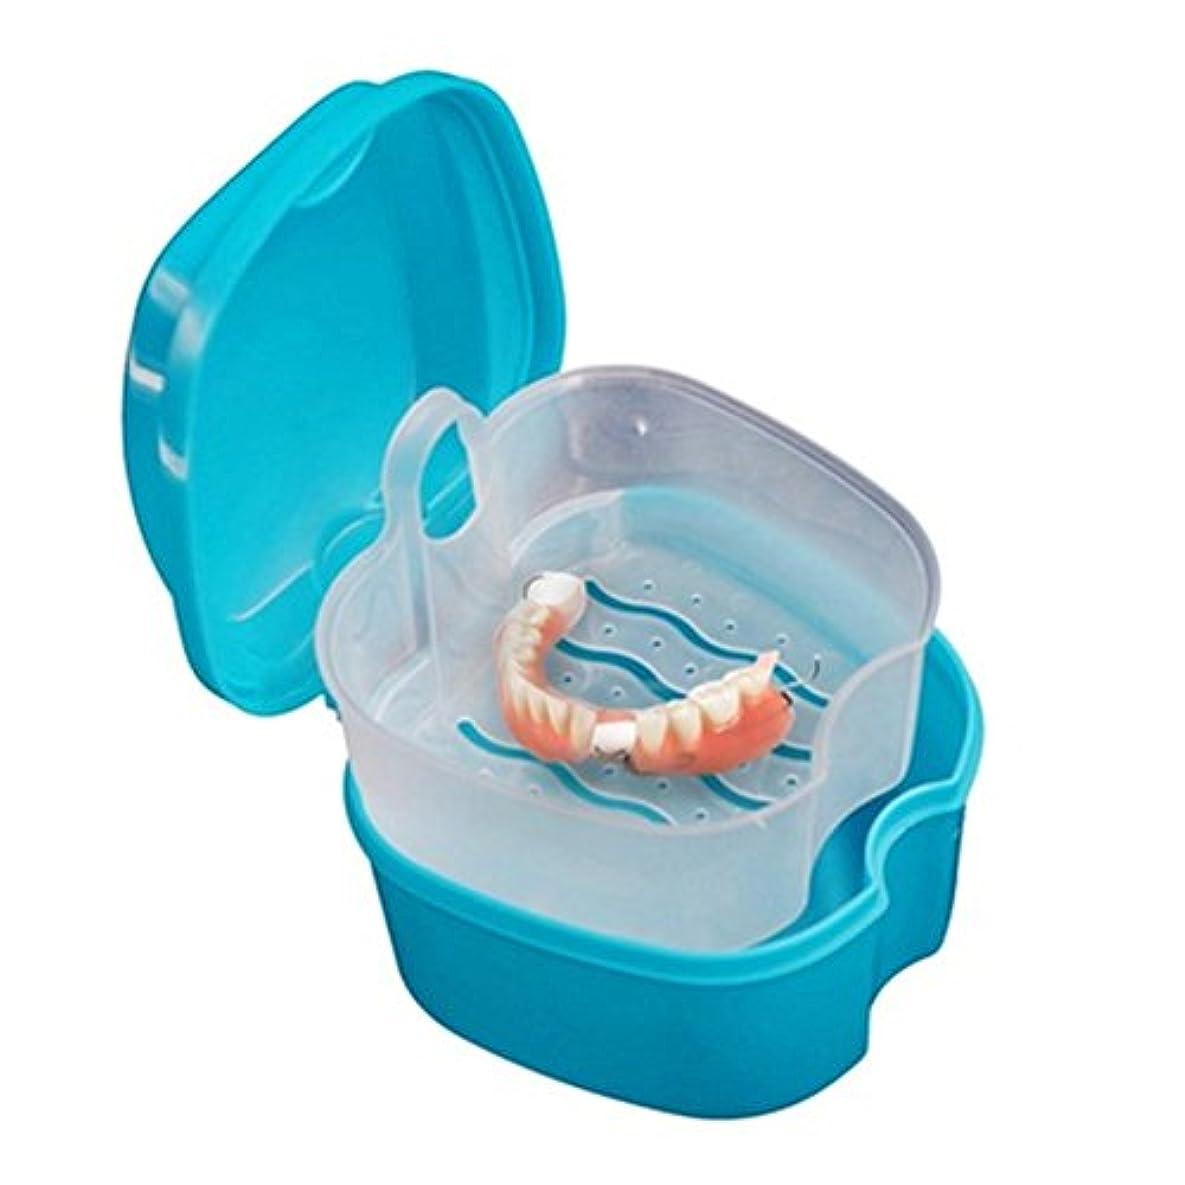 疎外望まないふけるCozyrom ネット付き 抗菌加工 乳歯 入れ歯収納ケース 容器 ボック 使いやすい